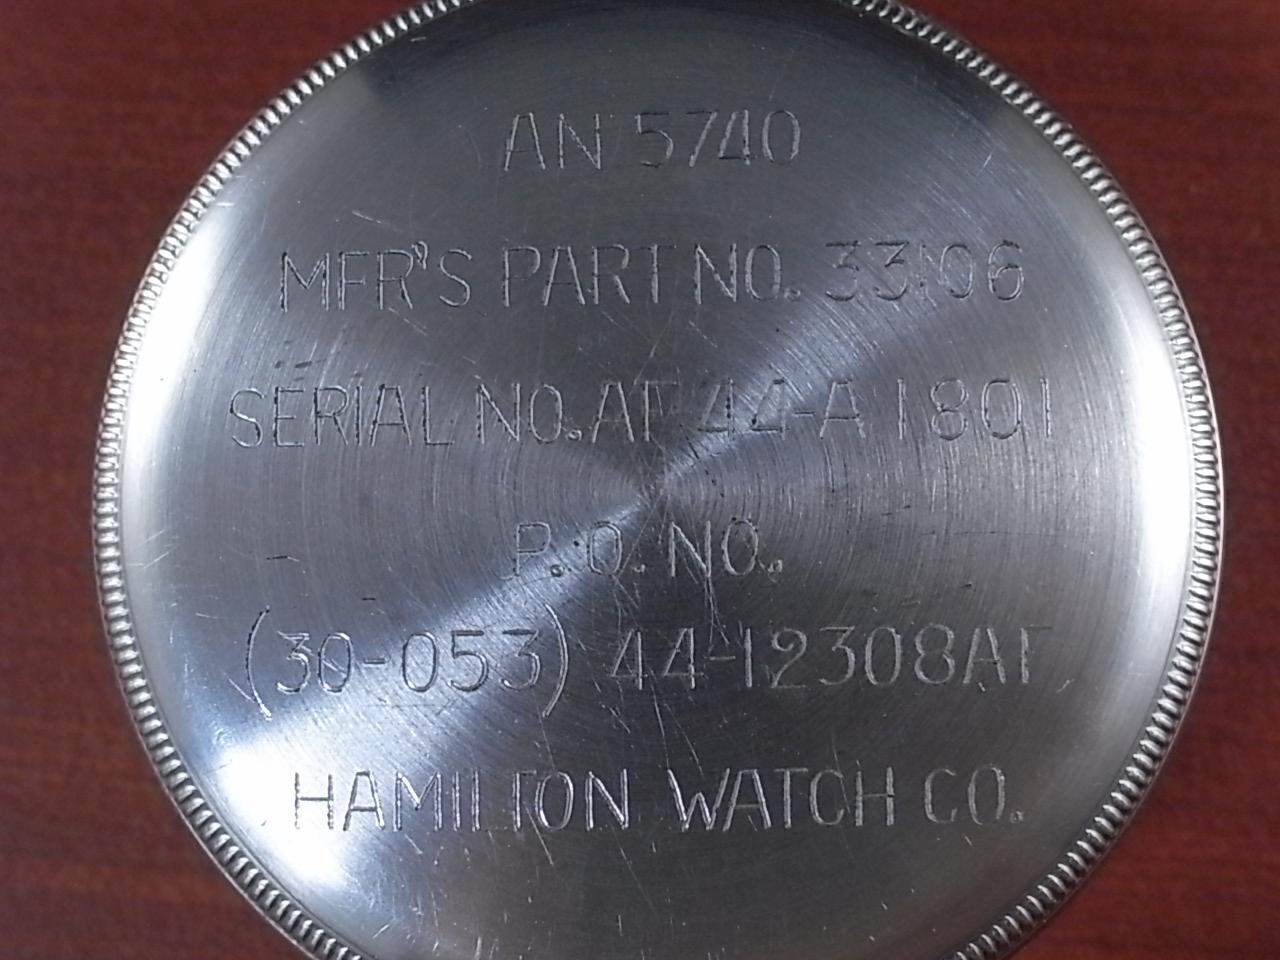 ハミルトン ミリタリー 24Hポケットウォッチ AN5740 NOSショックアブソーバー付 1940年代の写真4枚目